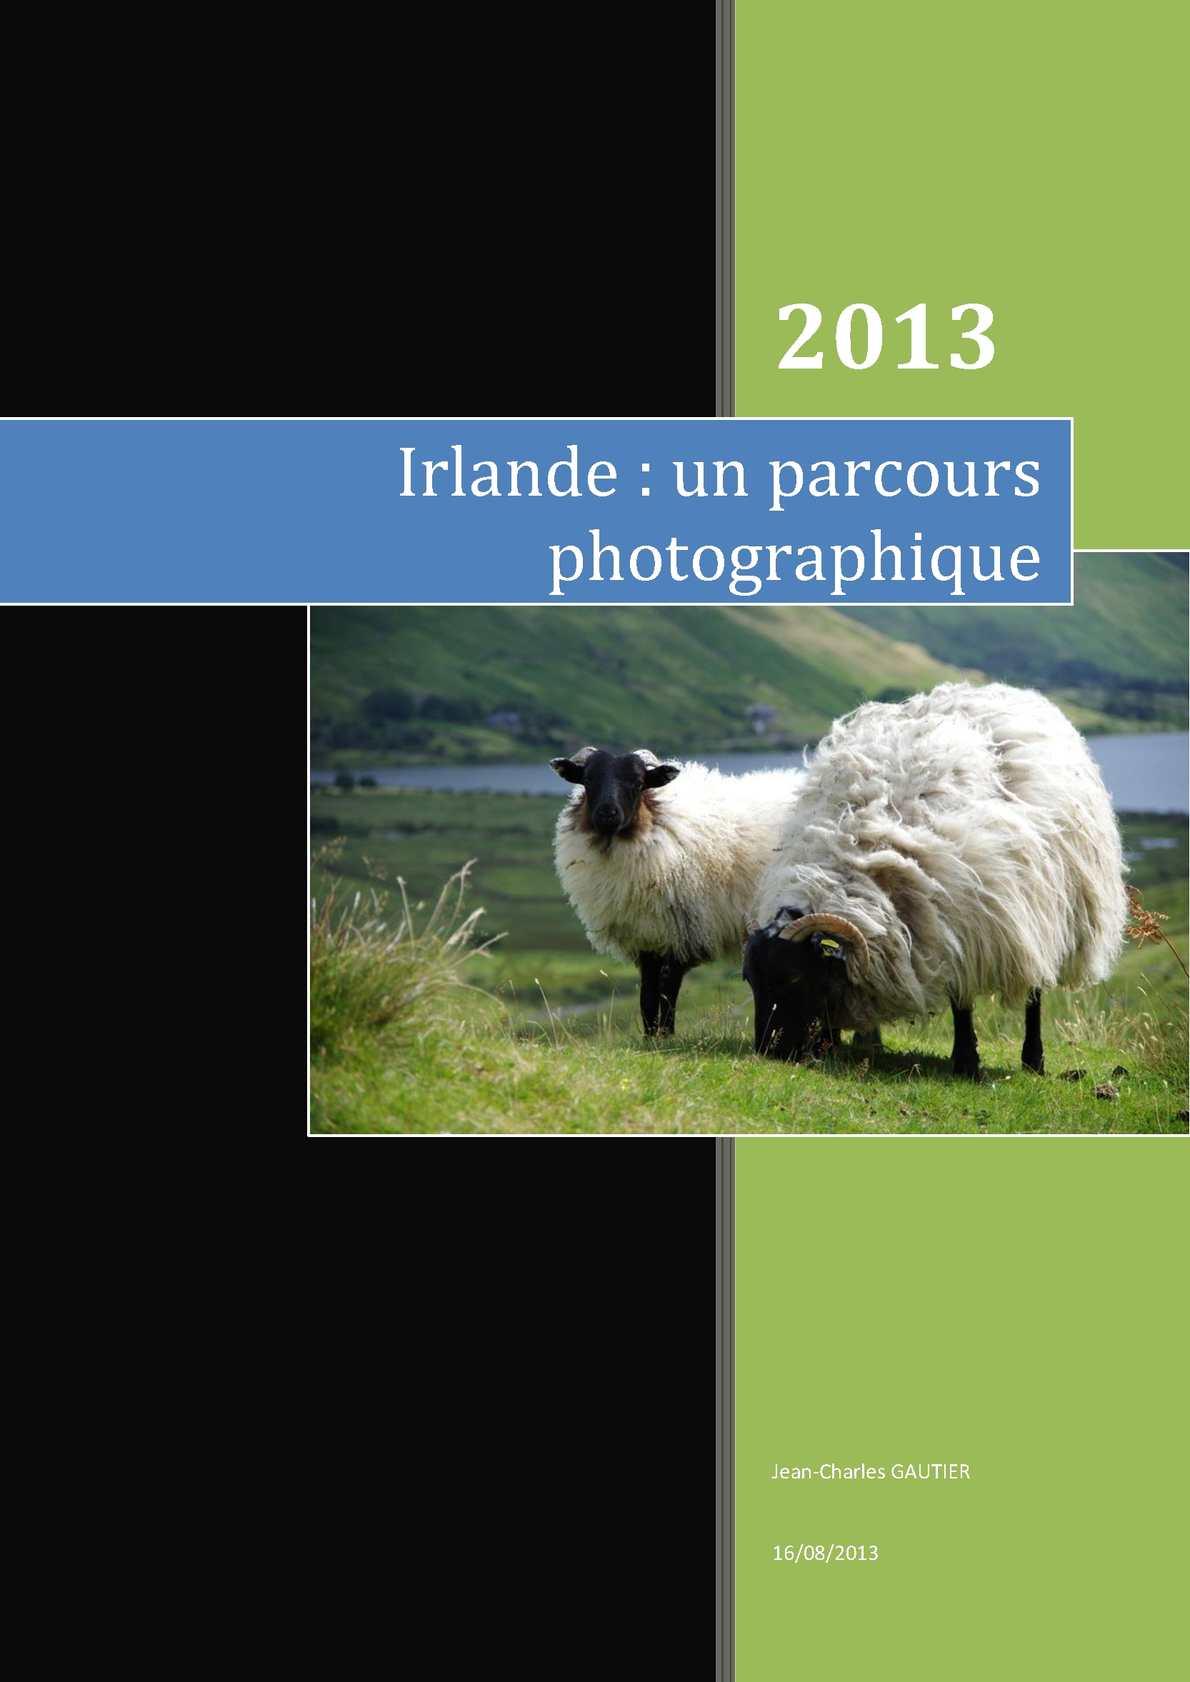 Irlande : un parcours photographique